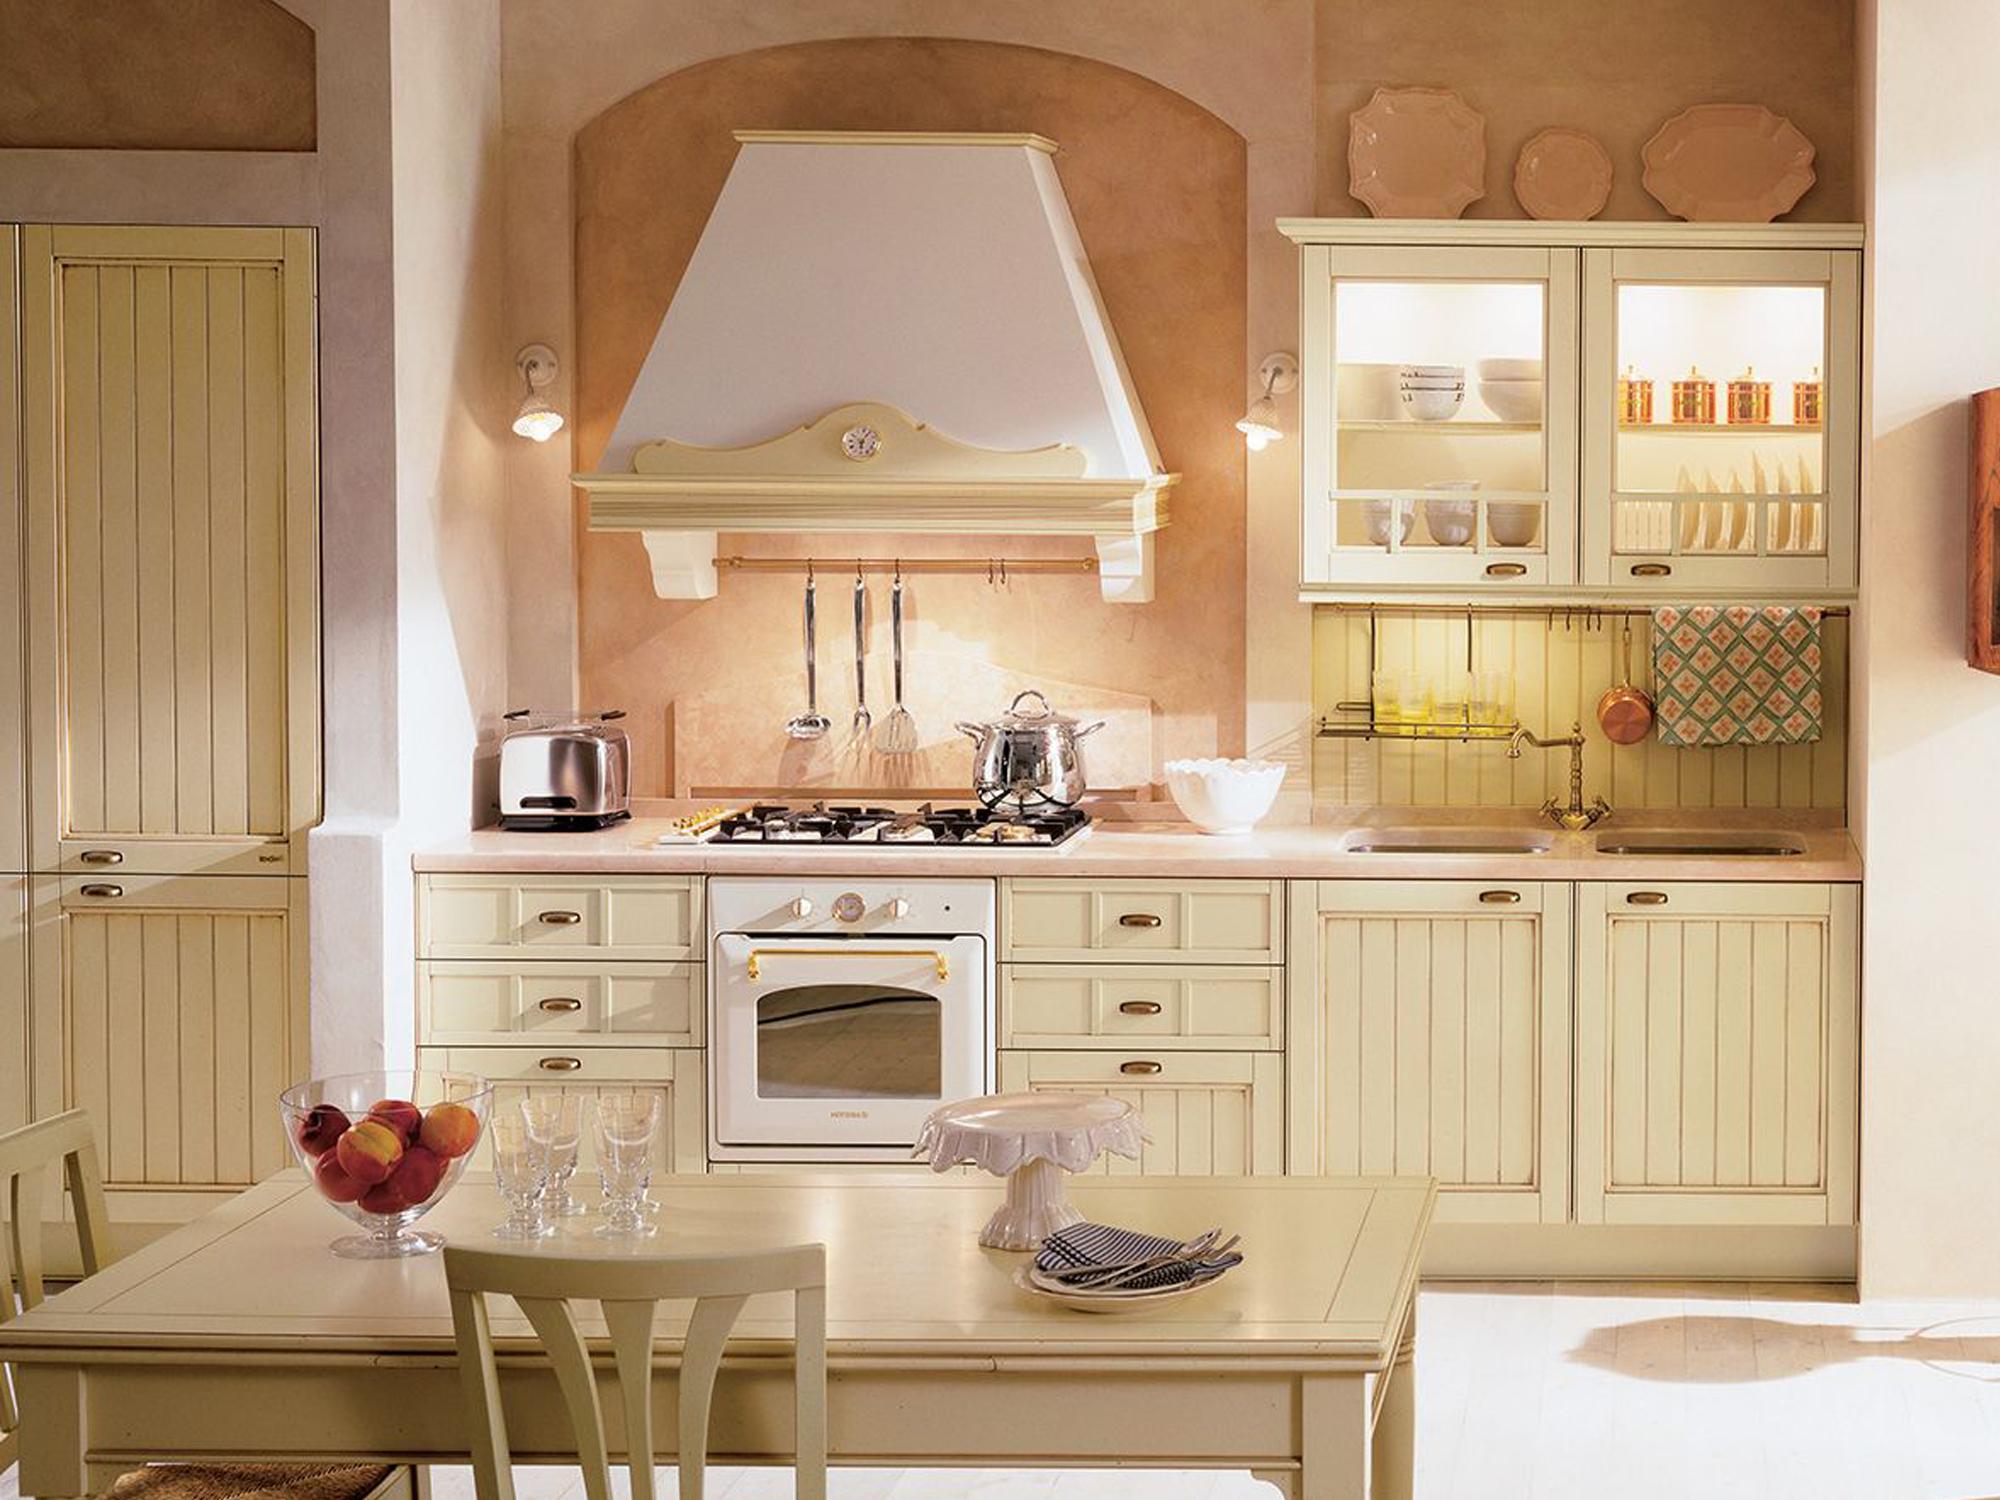 Cucine febal casa lecce le cucine febal nel salento - Cucine febal classiche ...